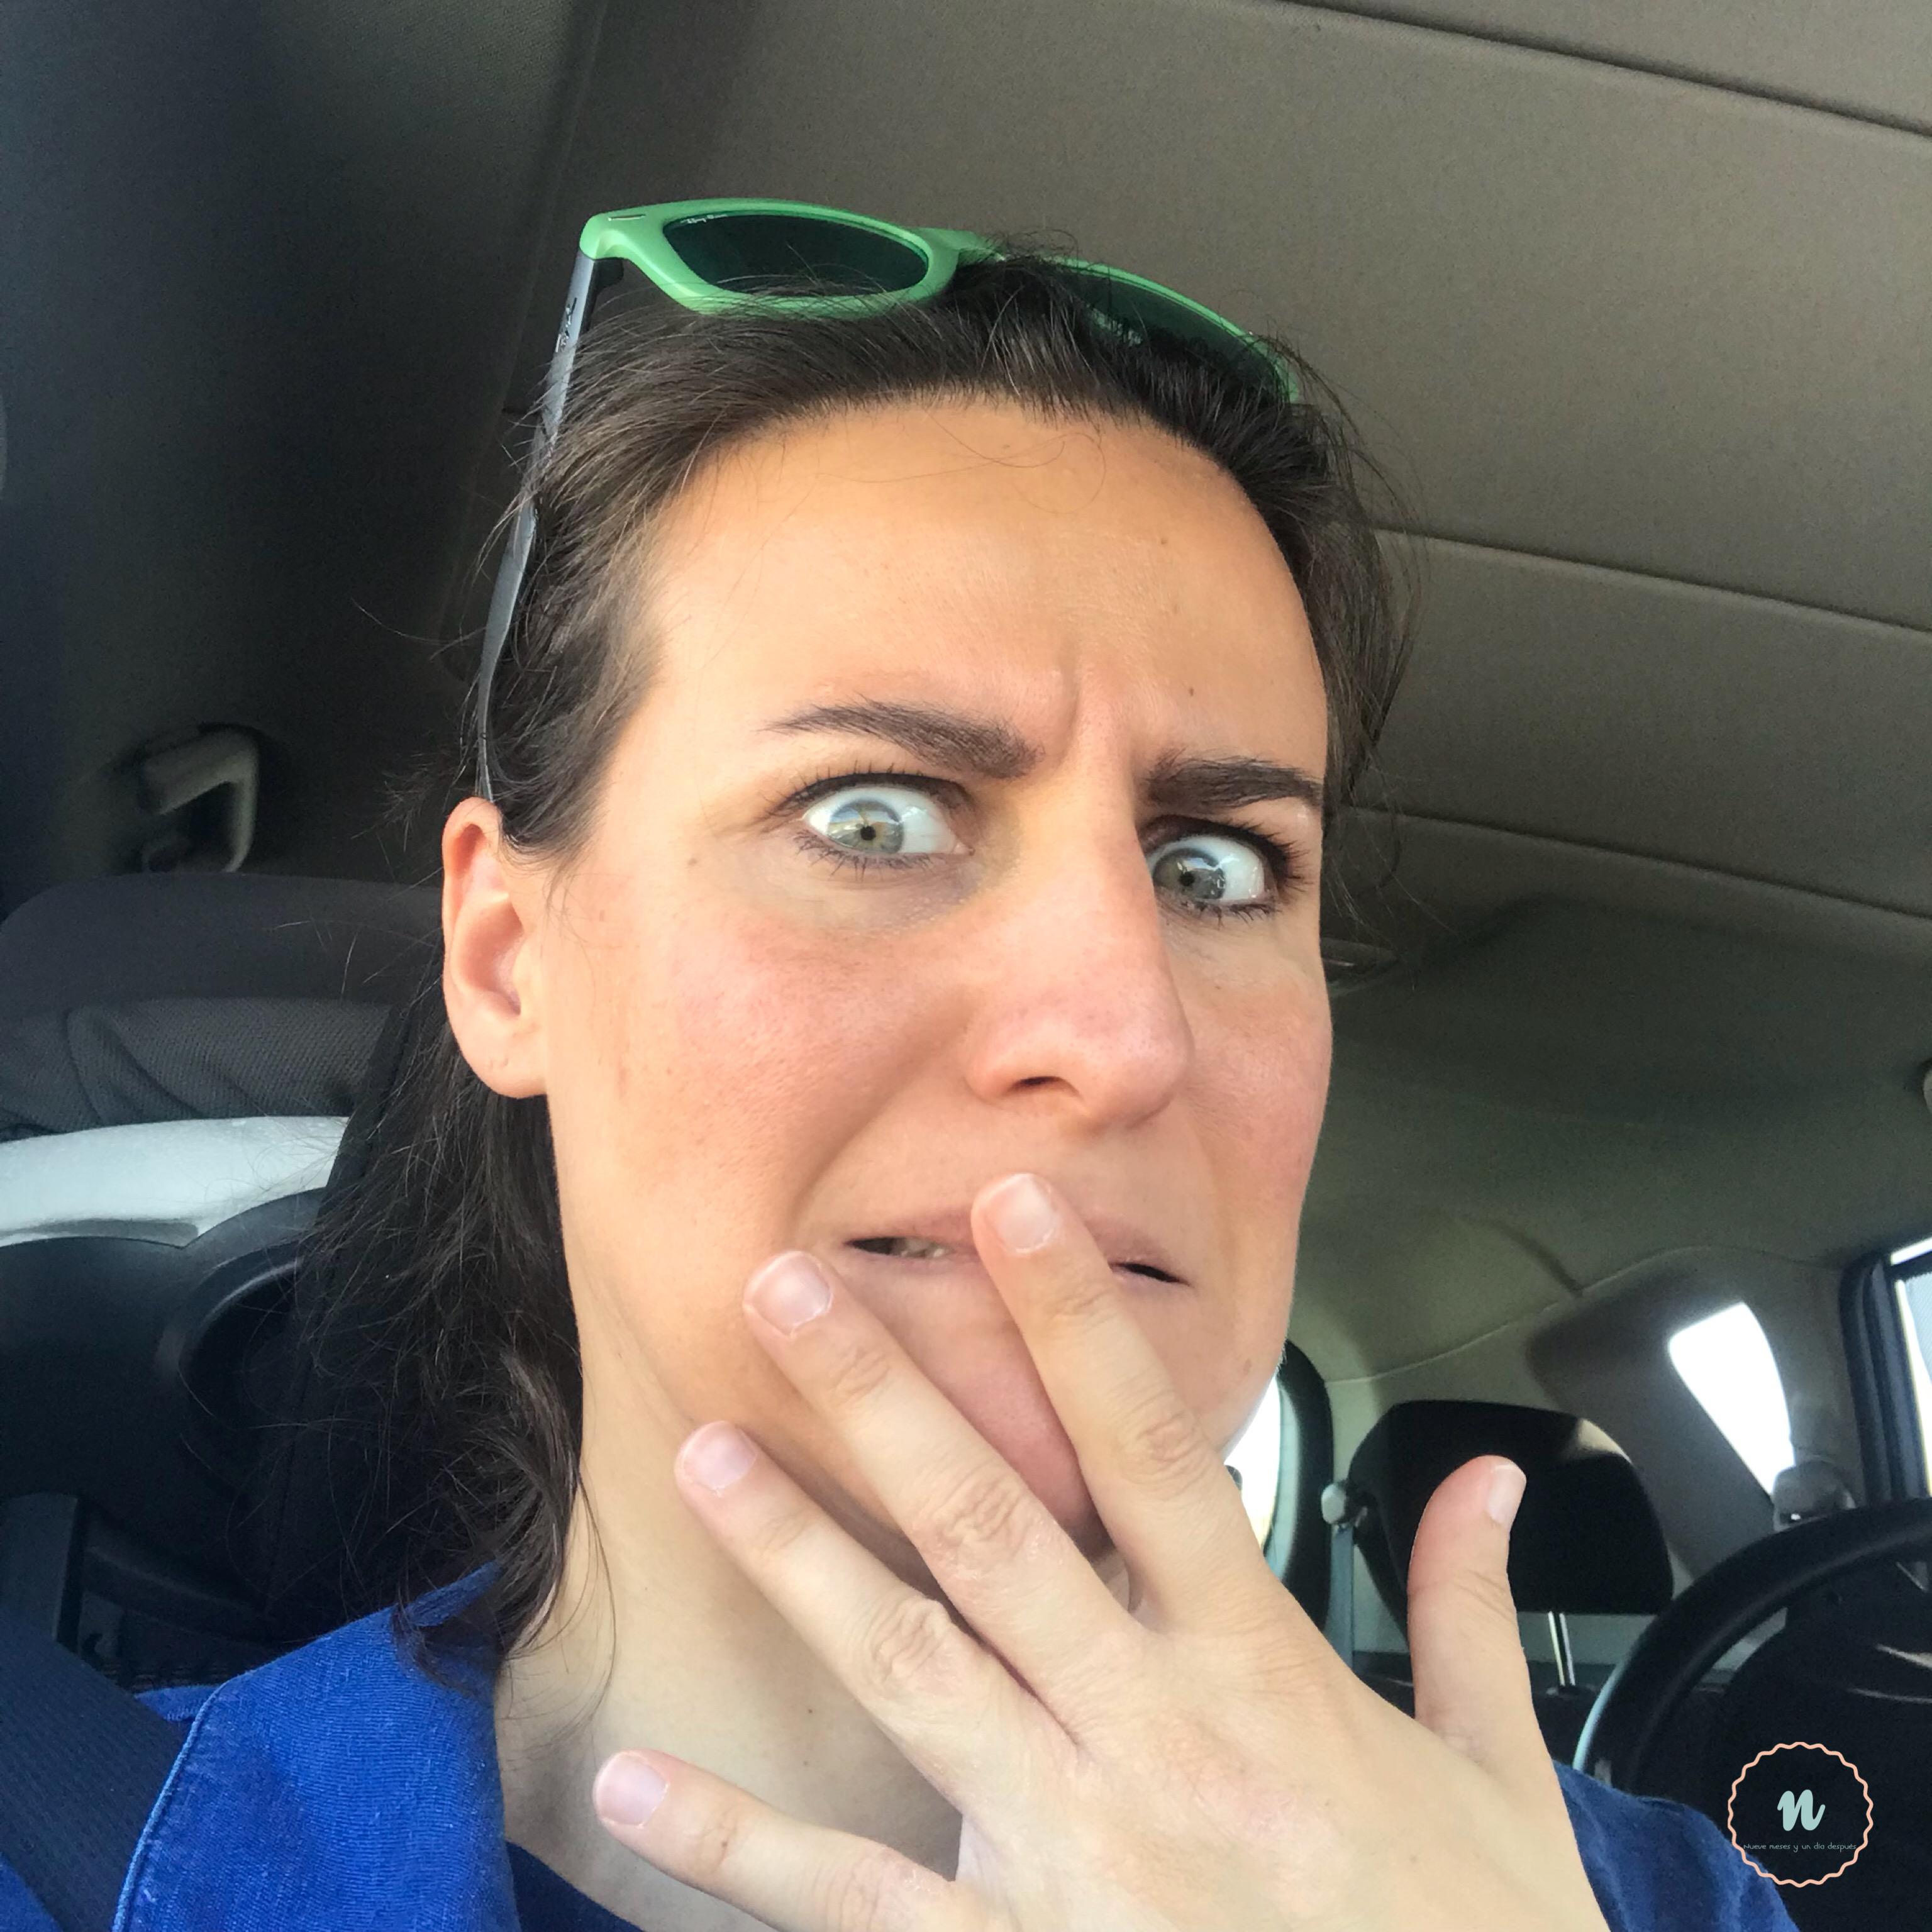 Madre asustada en coche por vacaciones con niños